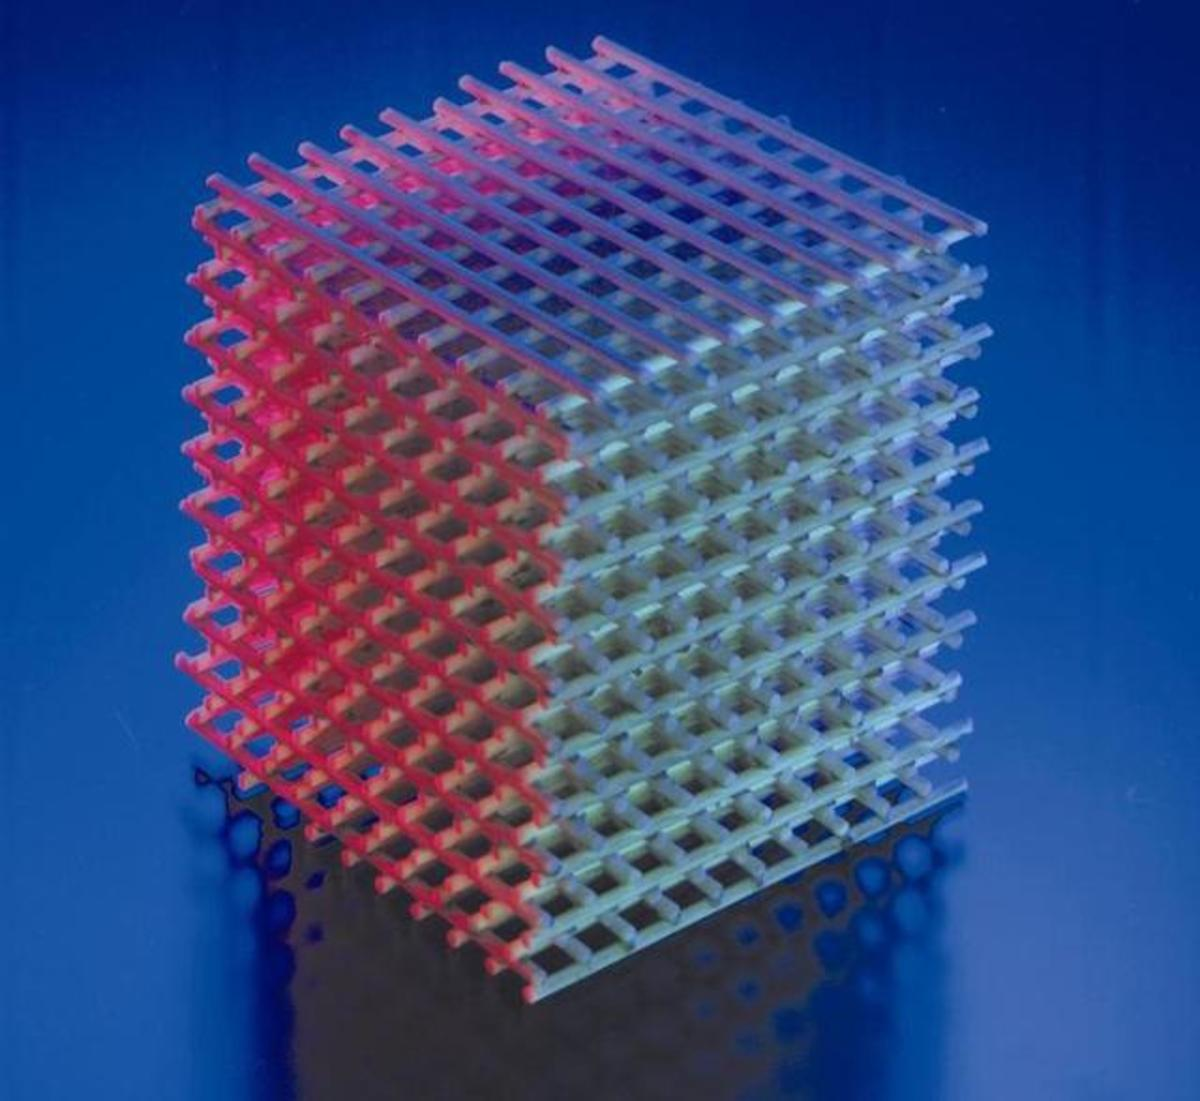 A photonic crystal.